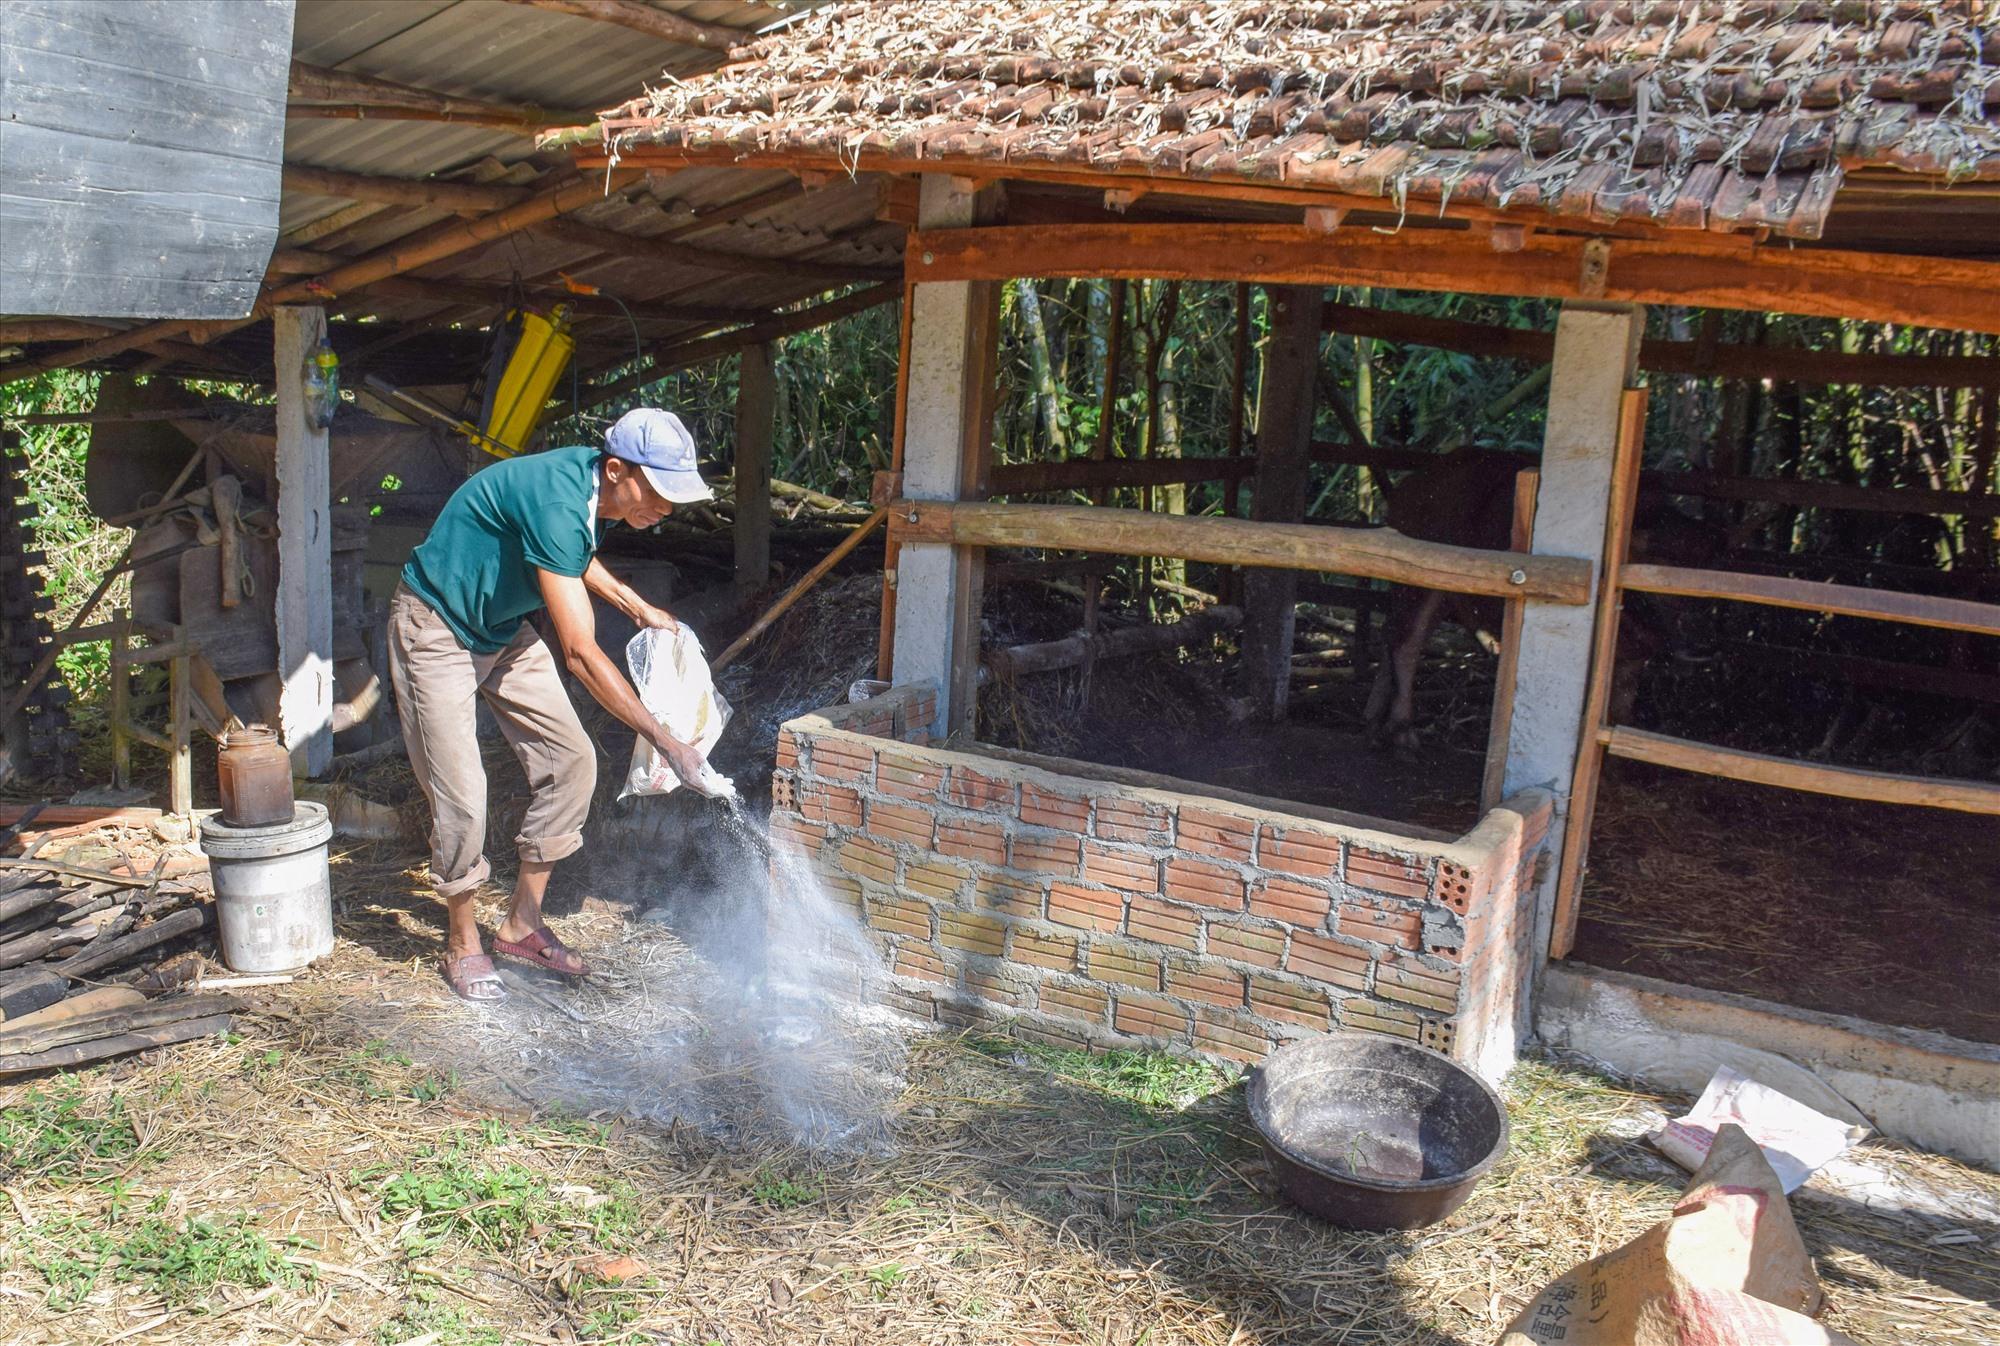 Người dân Phú Ninh rải vôi xung quanh khu vực chăn nuôi. Ảnh: ML